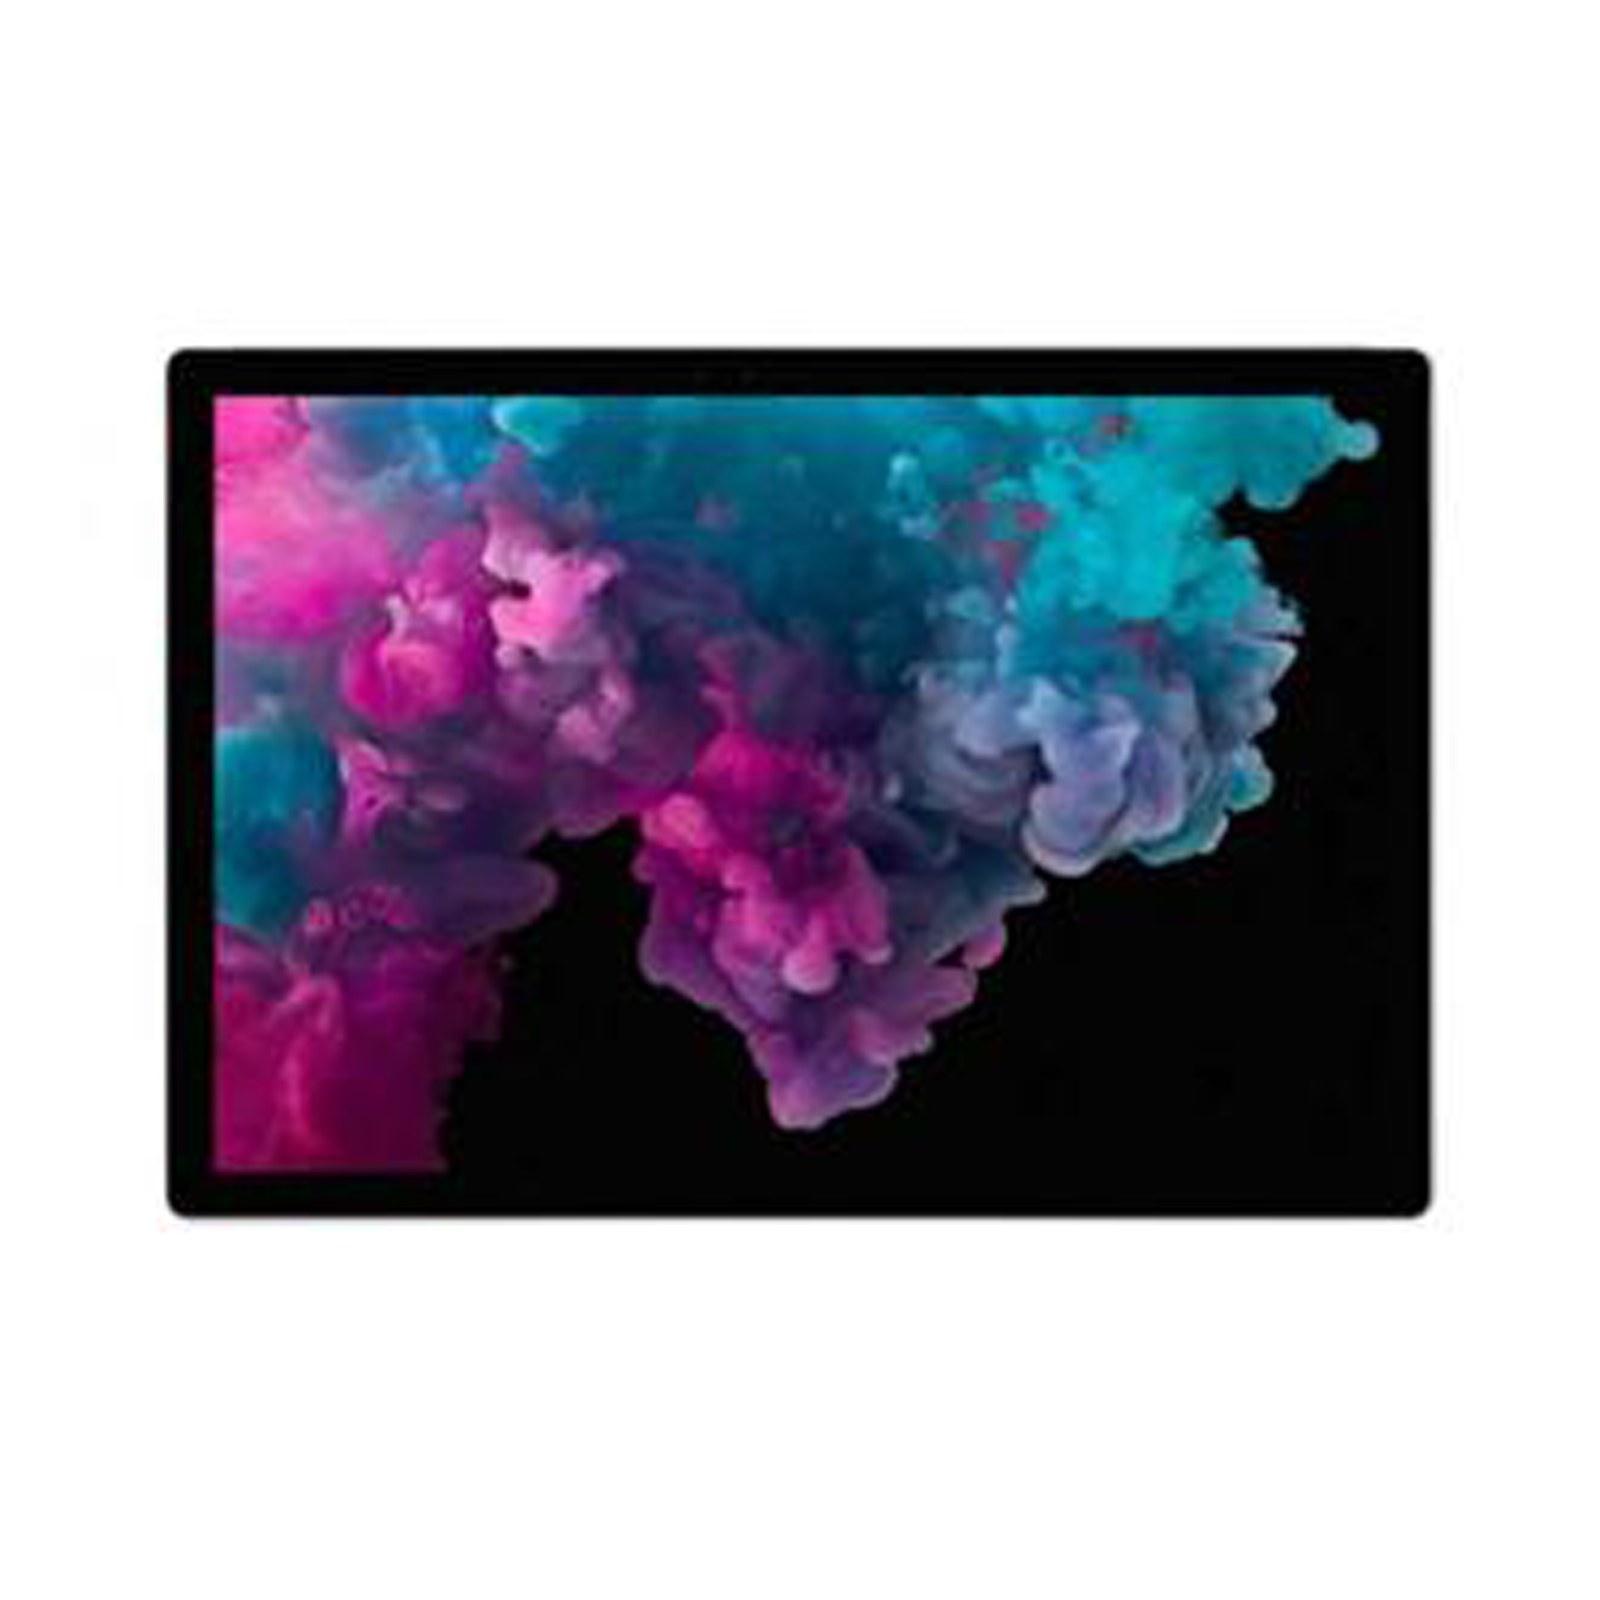 تصویر تبلت مایکروسافت مدل   Surface Pro 7 - F core i۷ ظرفیت ۵۱۲ گیگابایت Microsoft Surface Pro 7 - F core i۷- ۵۱۲GB Tablet